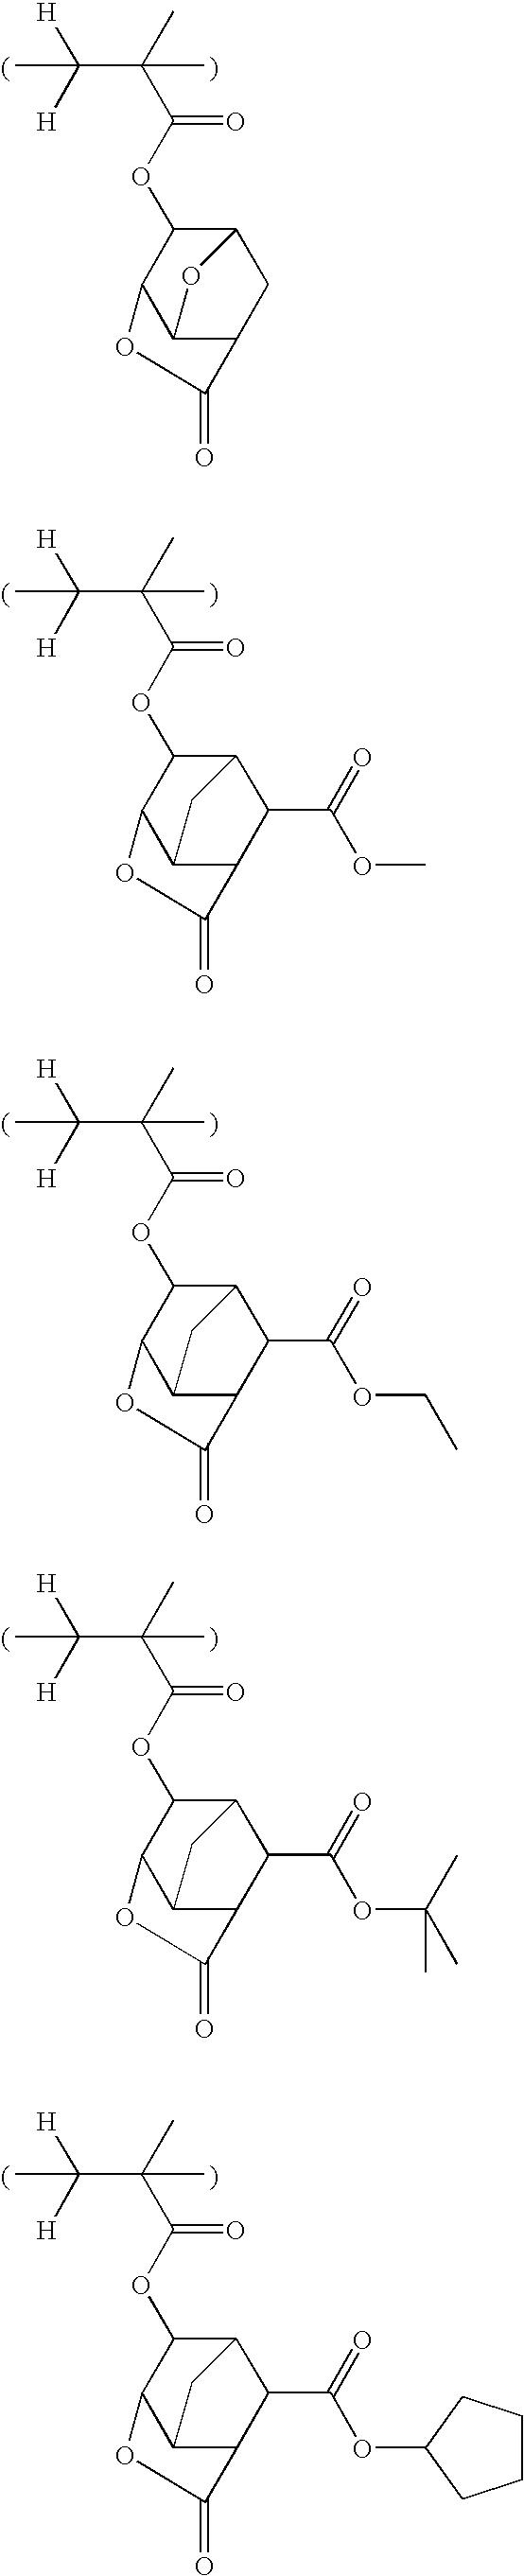 Figure US07537880-20090526-C00040